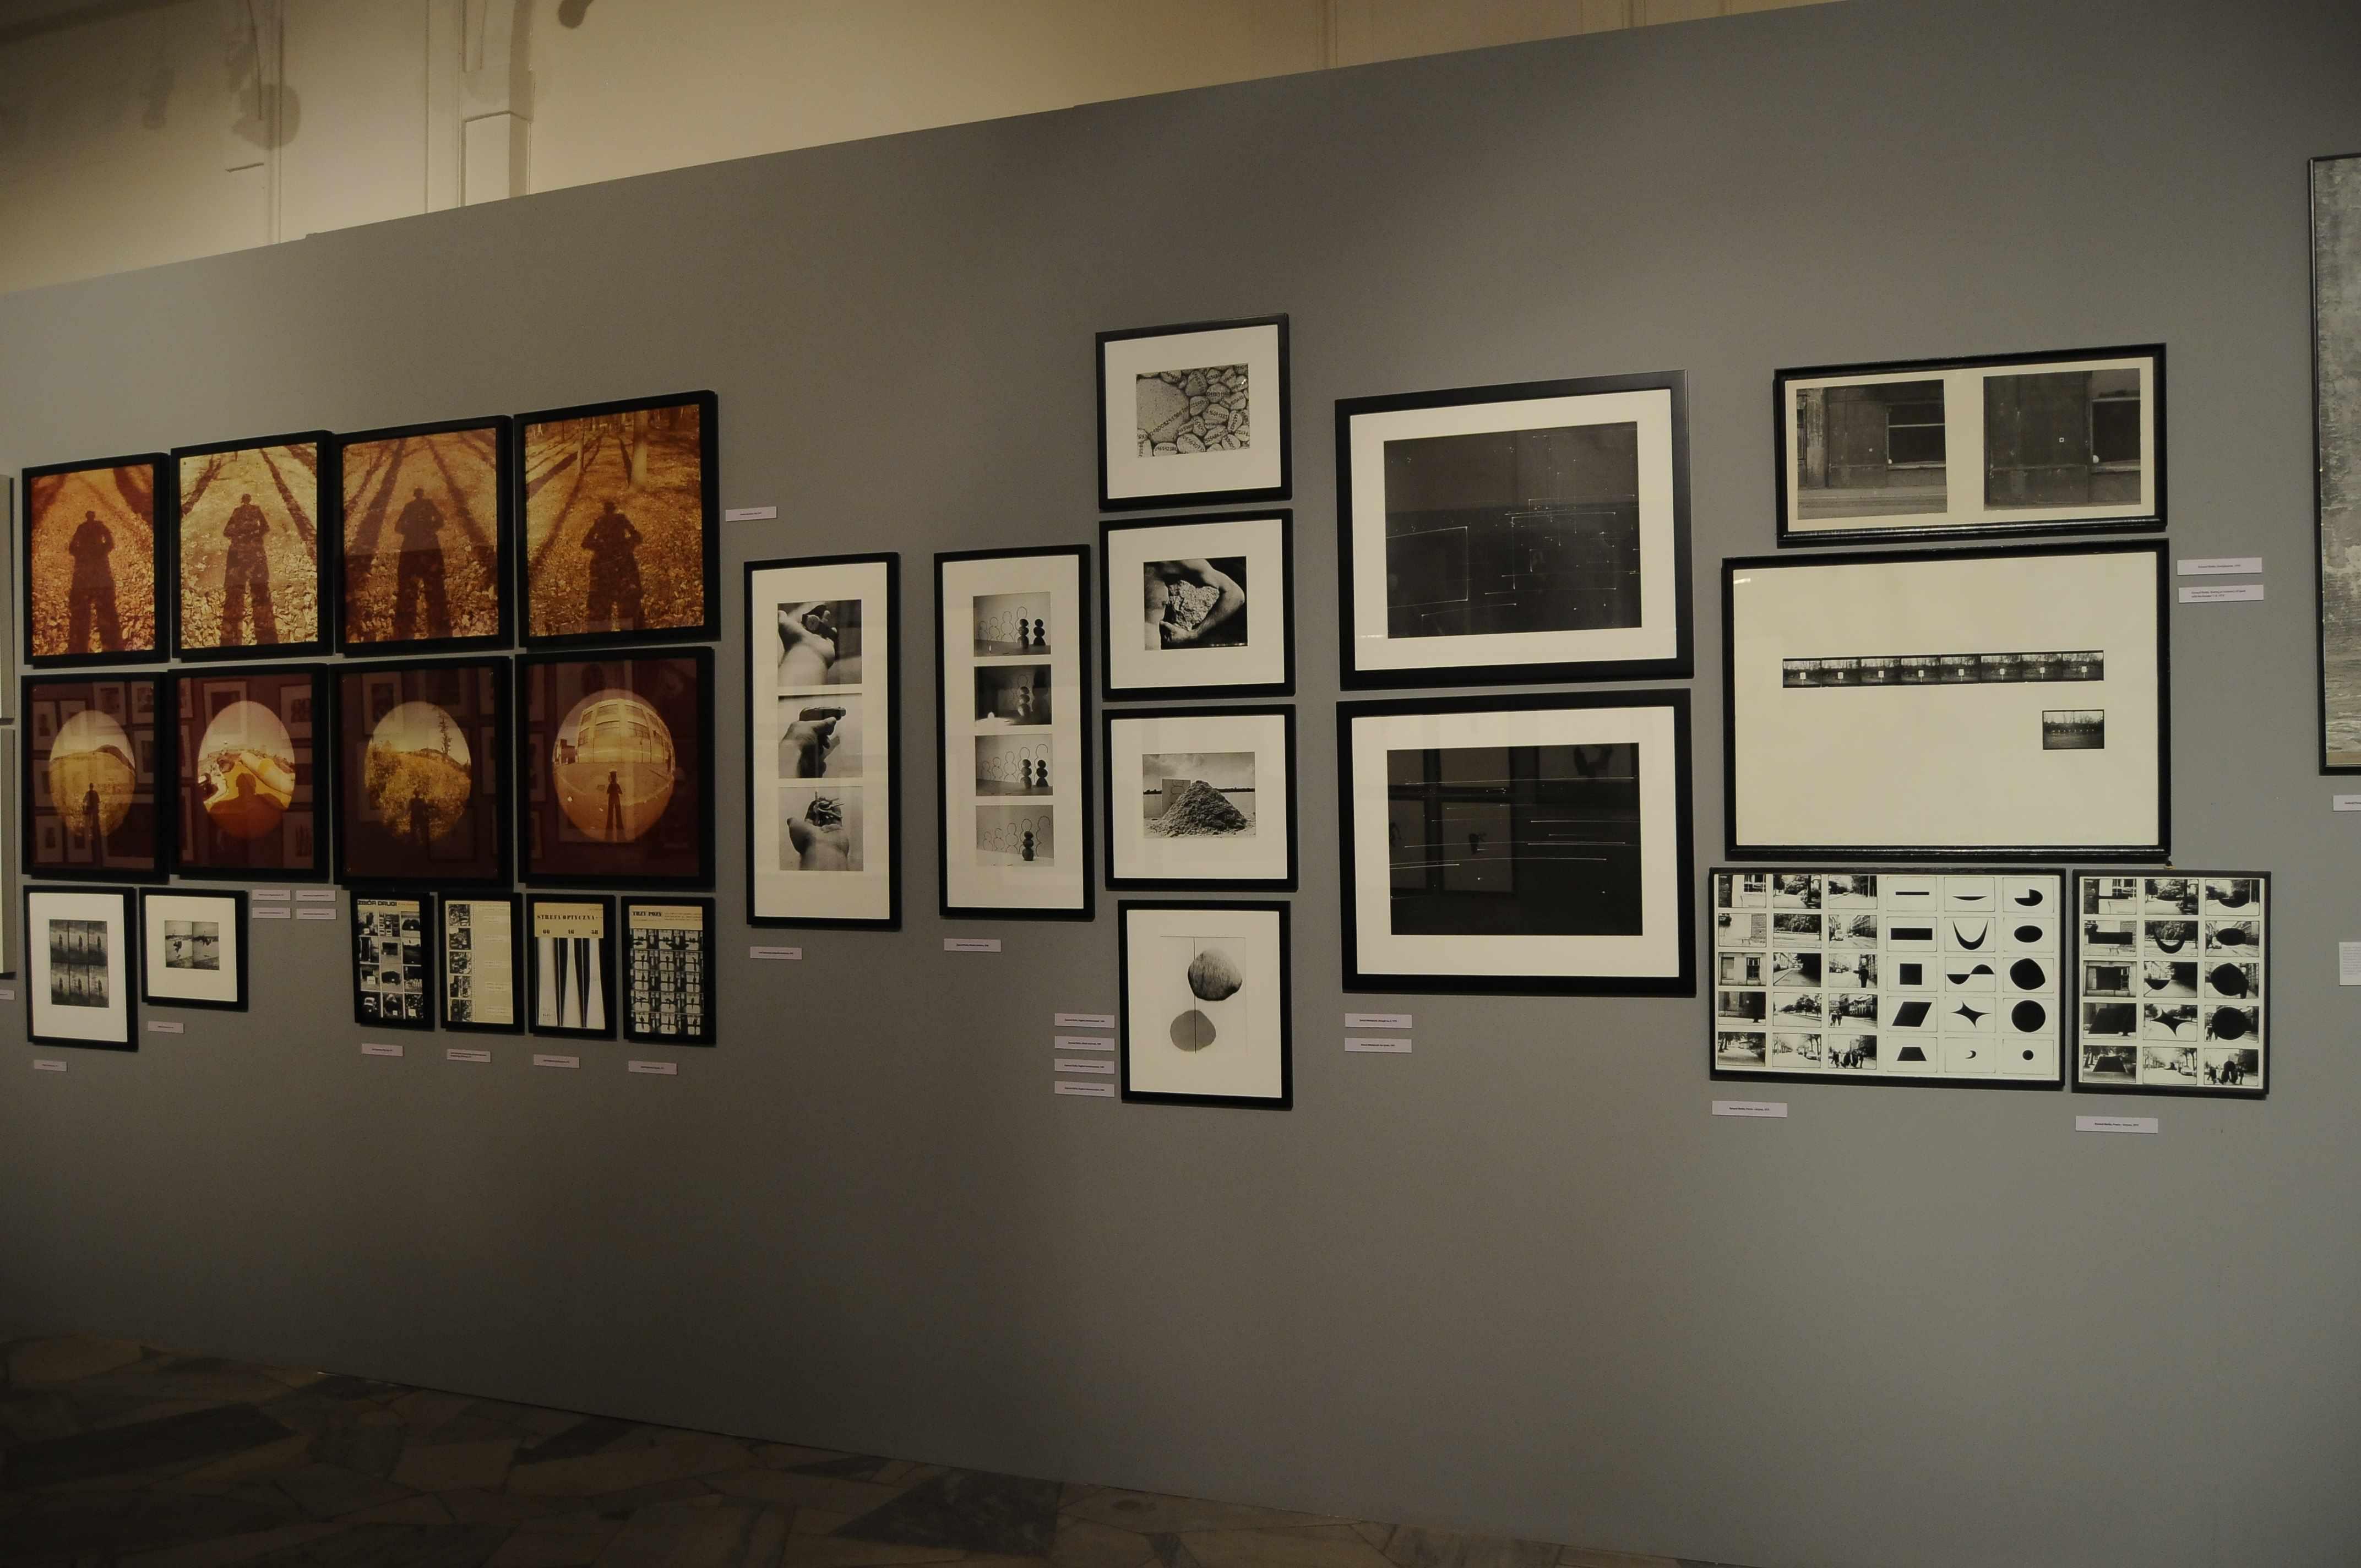 Fotografia XX wieku. Zkolekcji Cezarego Pieczyńskiego, Oranżeria Muzeum Pałacu wWilanowie, 2010